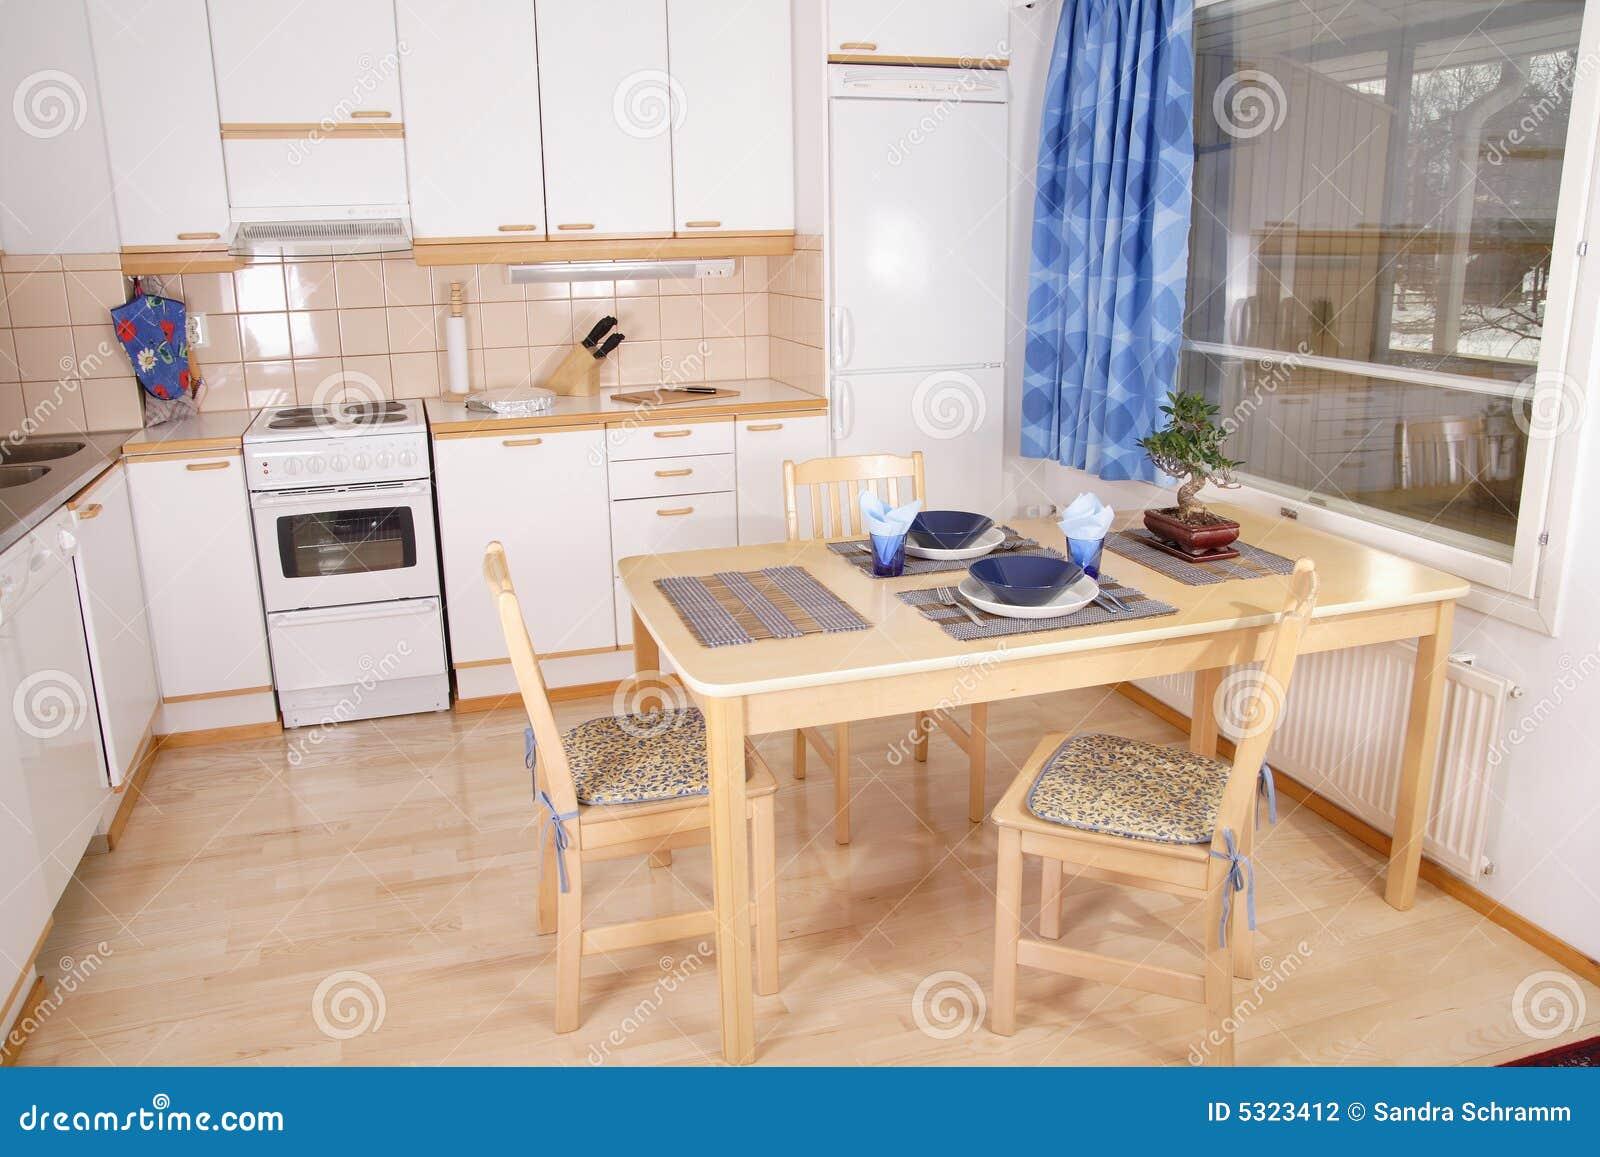 Download Particolare Dell'interiore Della Cucina Fotografia Stock - Immagine di bambù, cucina: 5323412